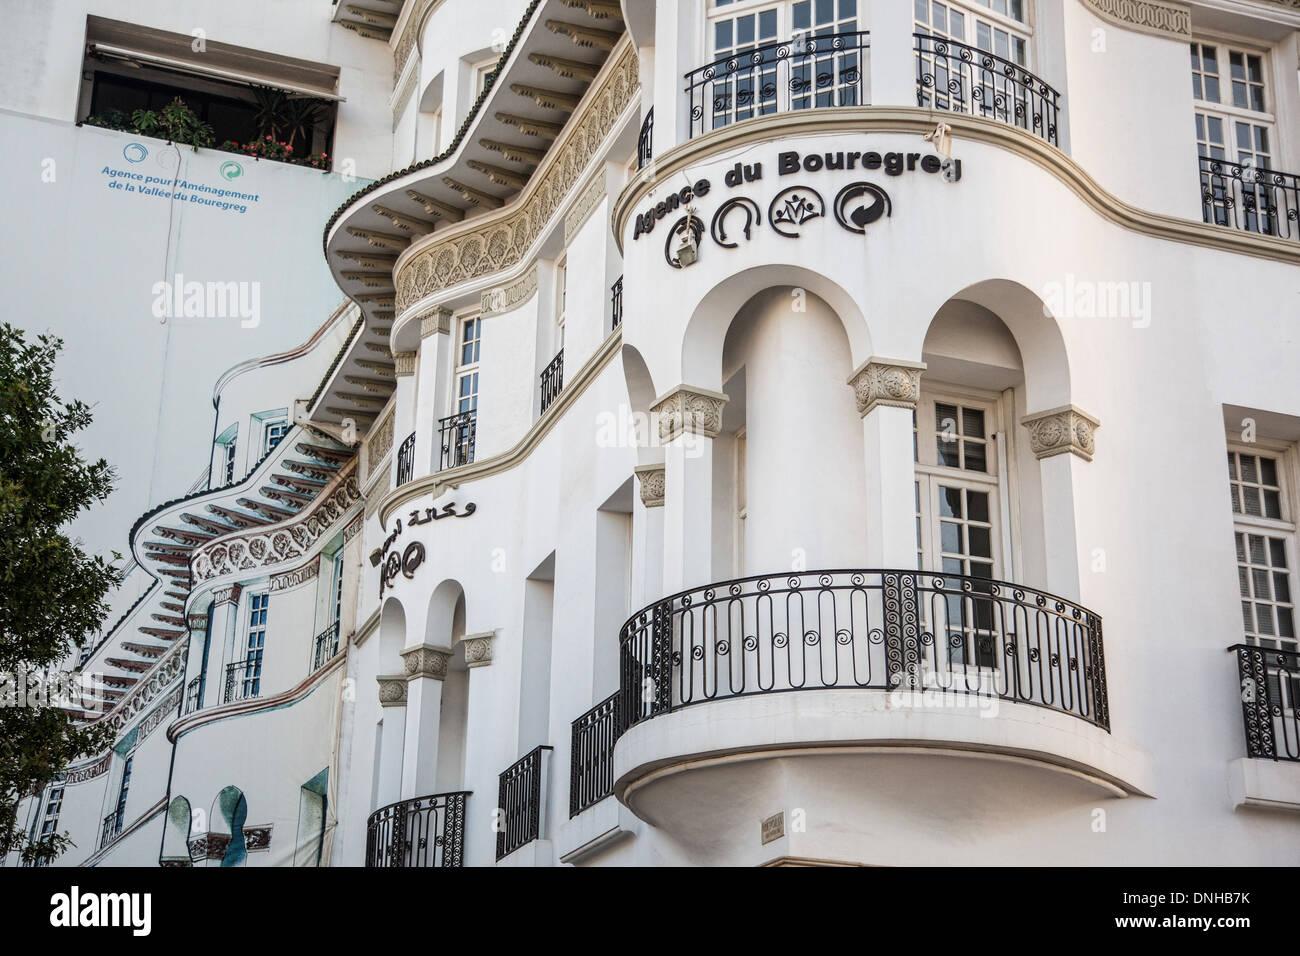 Deco Architektur trompe l œil gemalt auf einem gebäude erweitern die angrenzenden